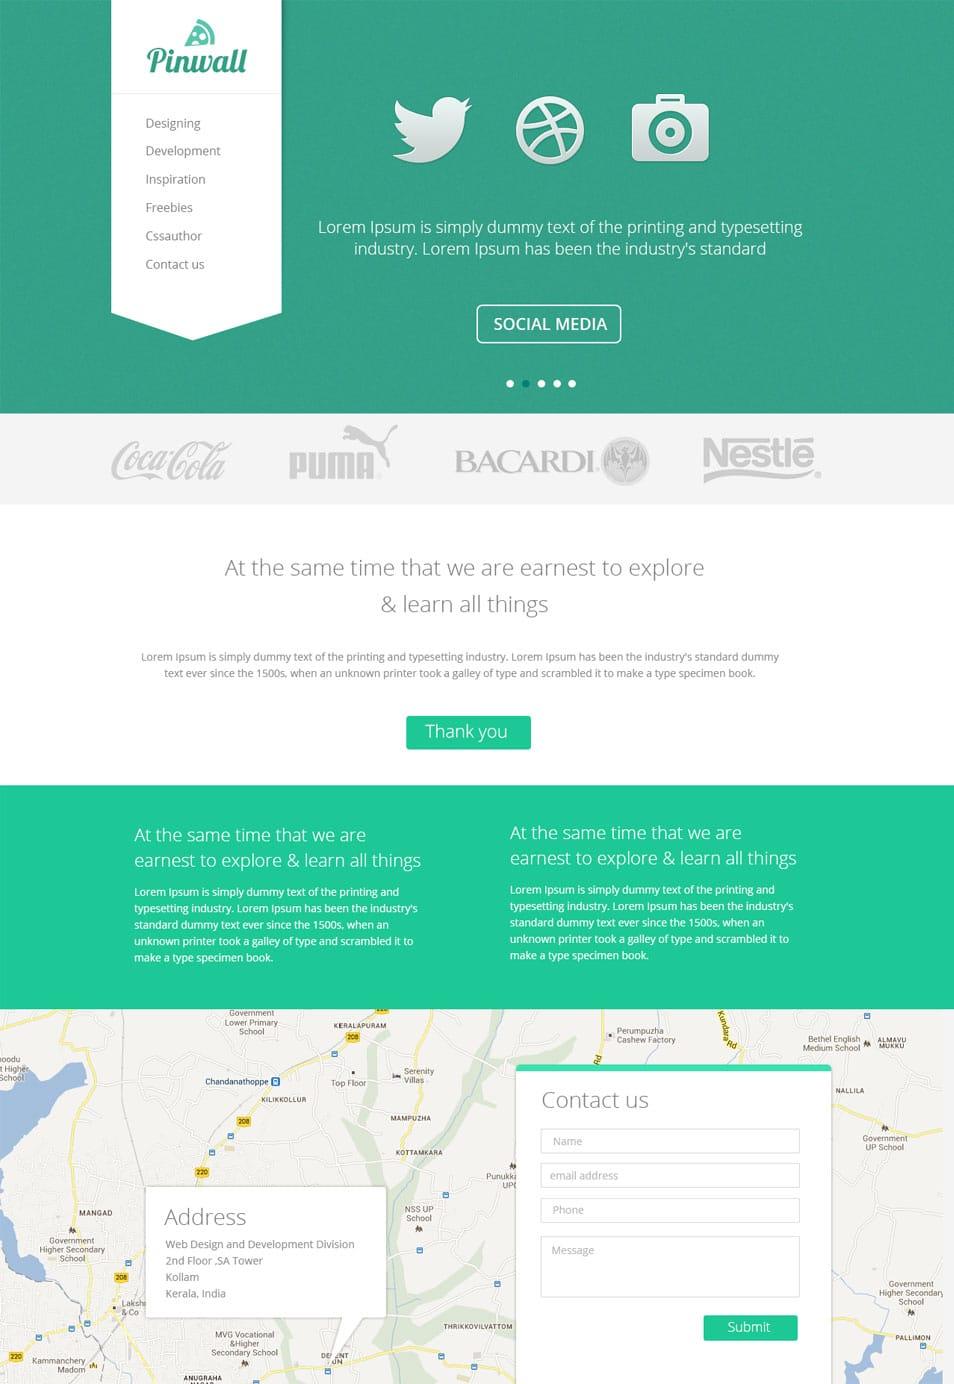 pinwall modern website template psd